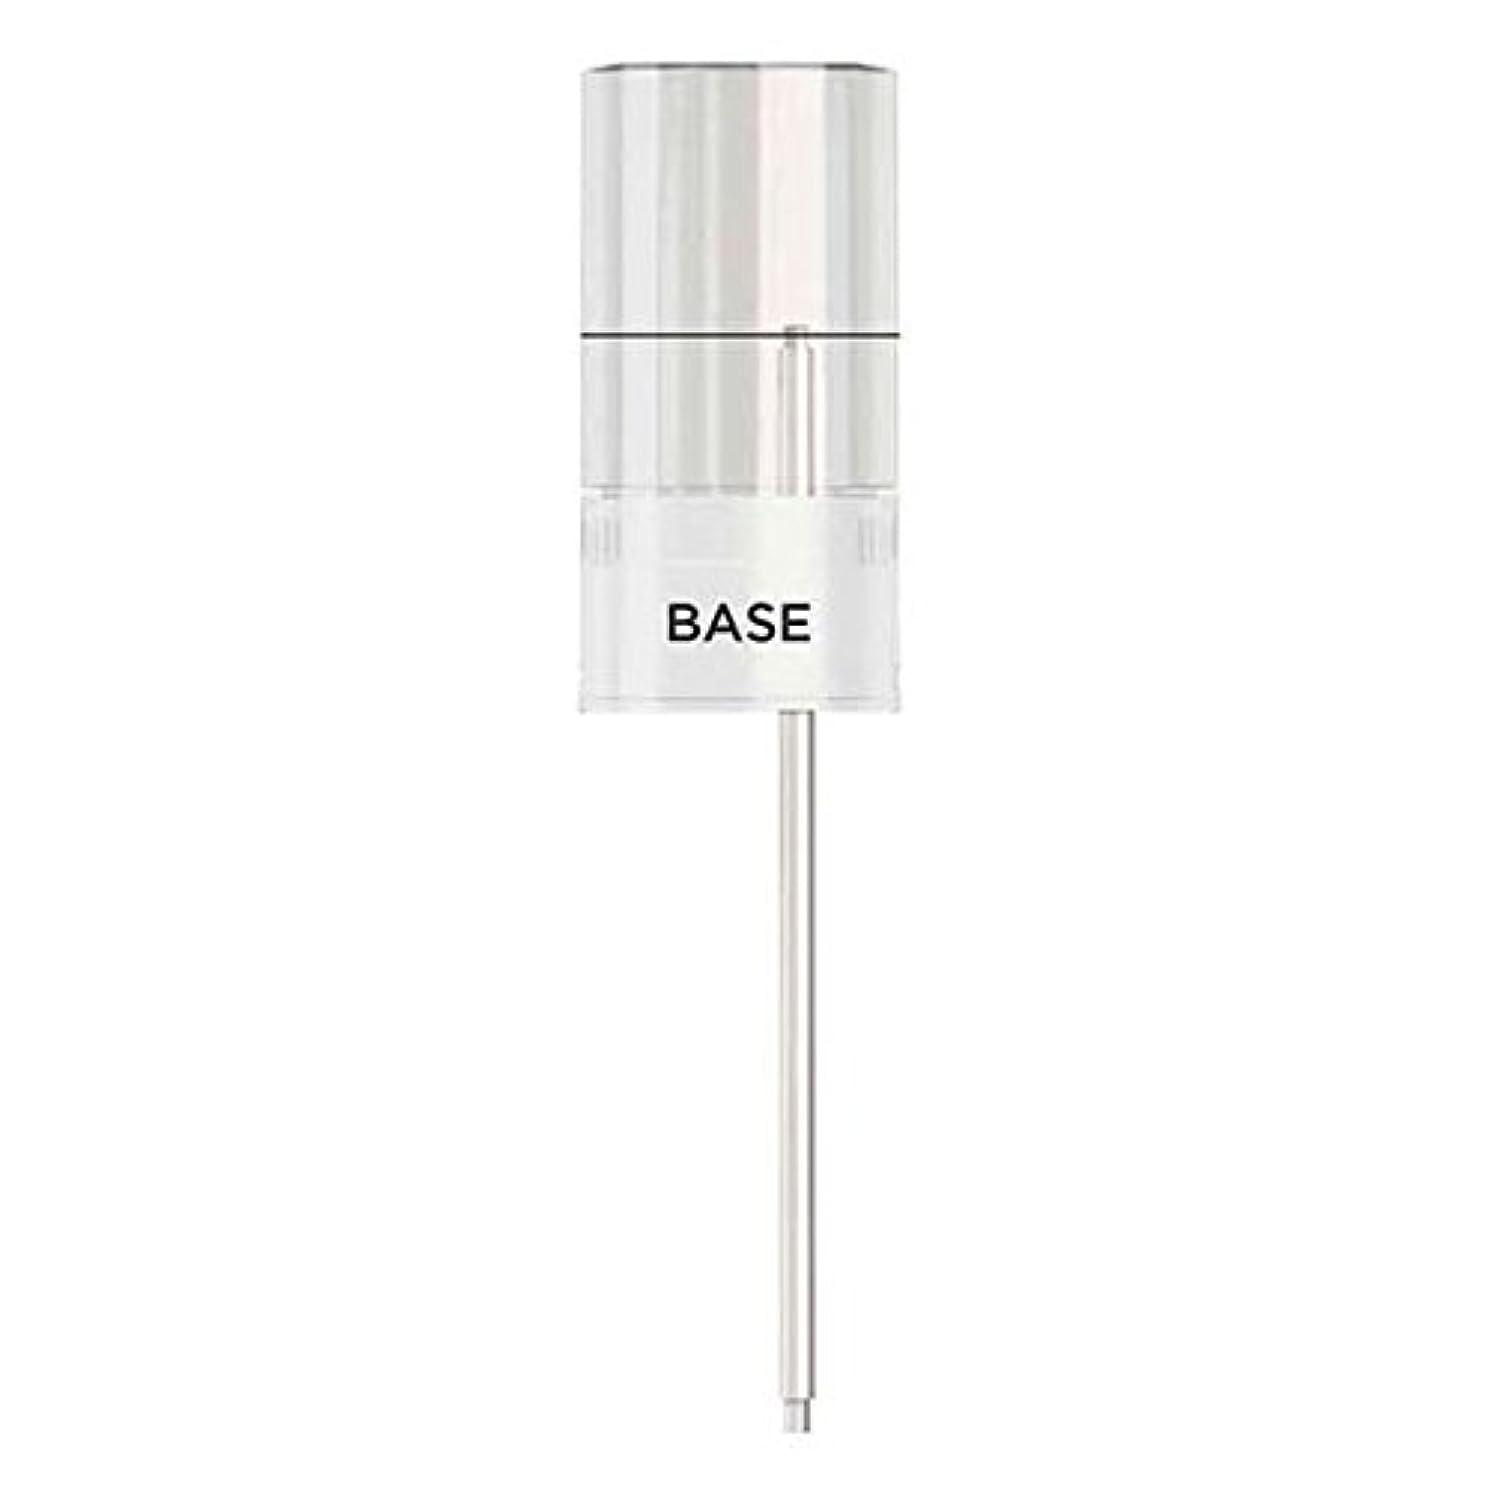 プラスチック例示する背の高いロレアル セリエ エクスパート パワーミックス1 ベースチェンバー